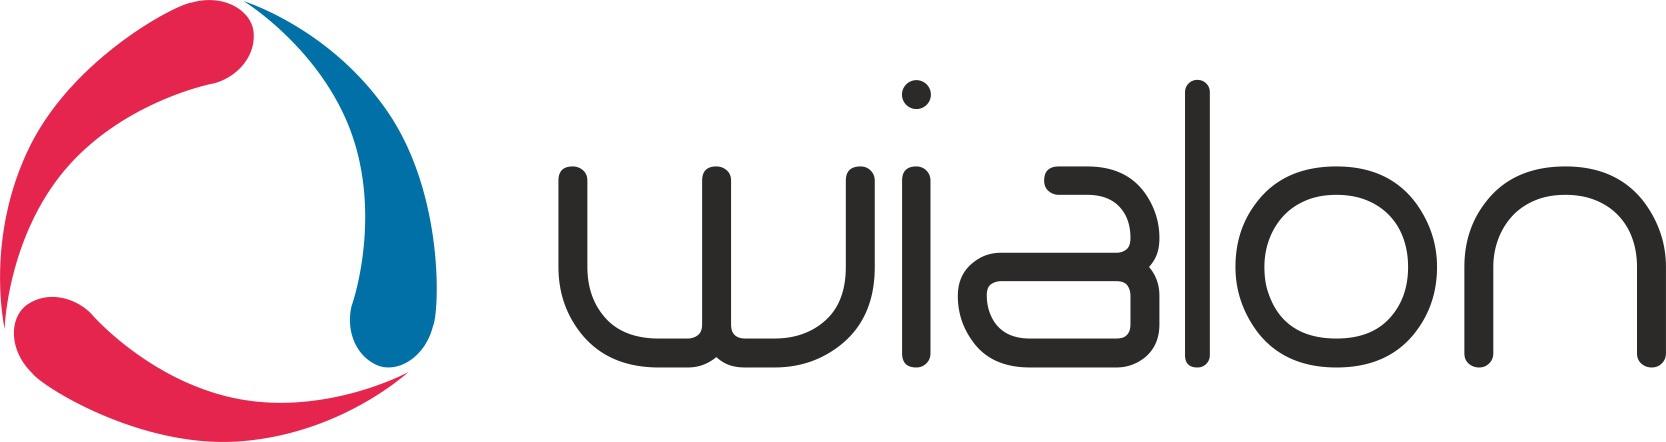 Wialon (Gurtam) разработчик ПО